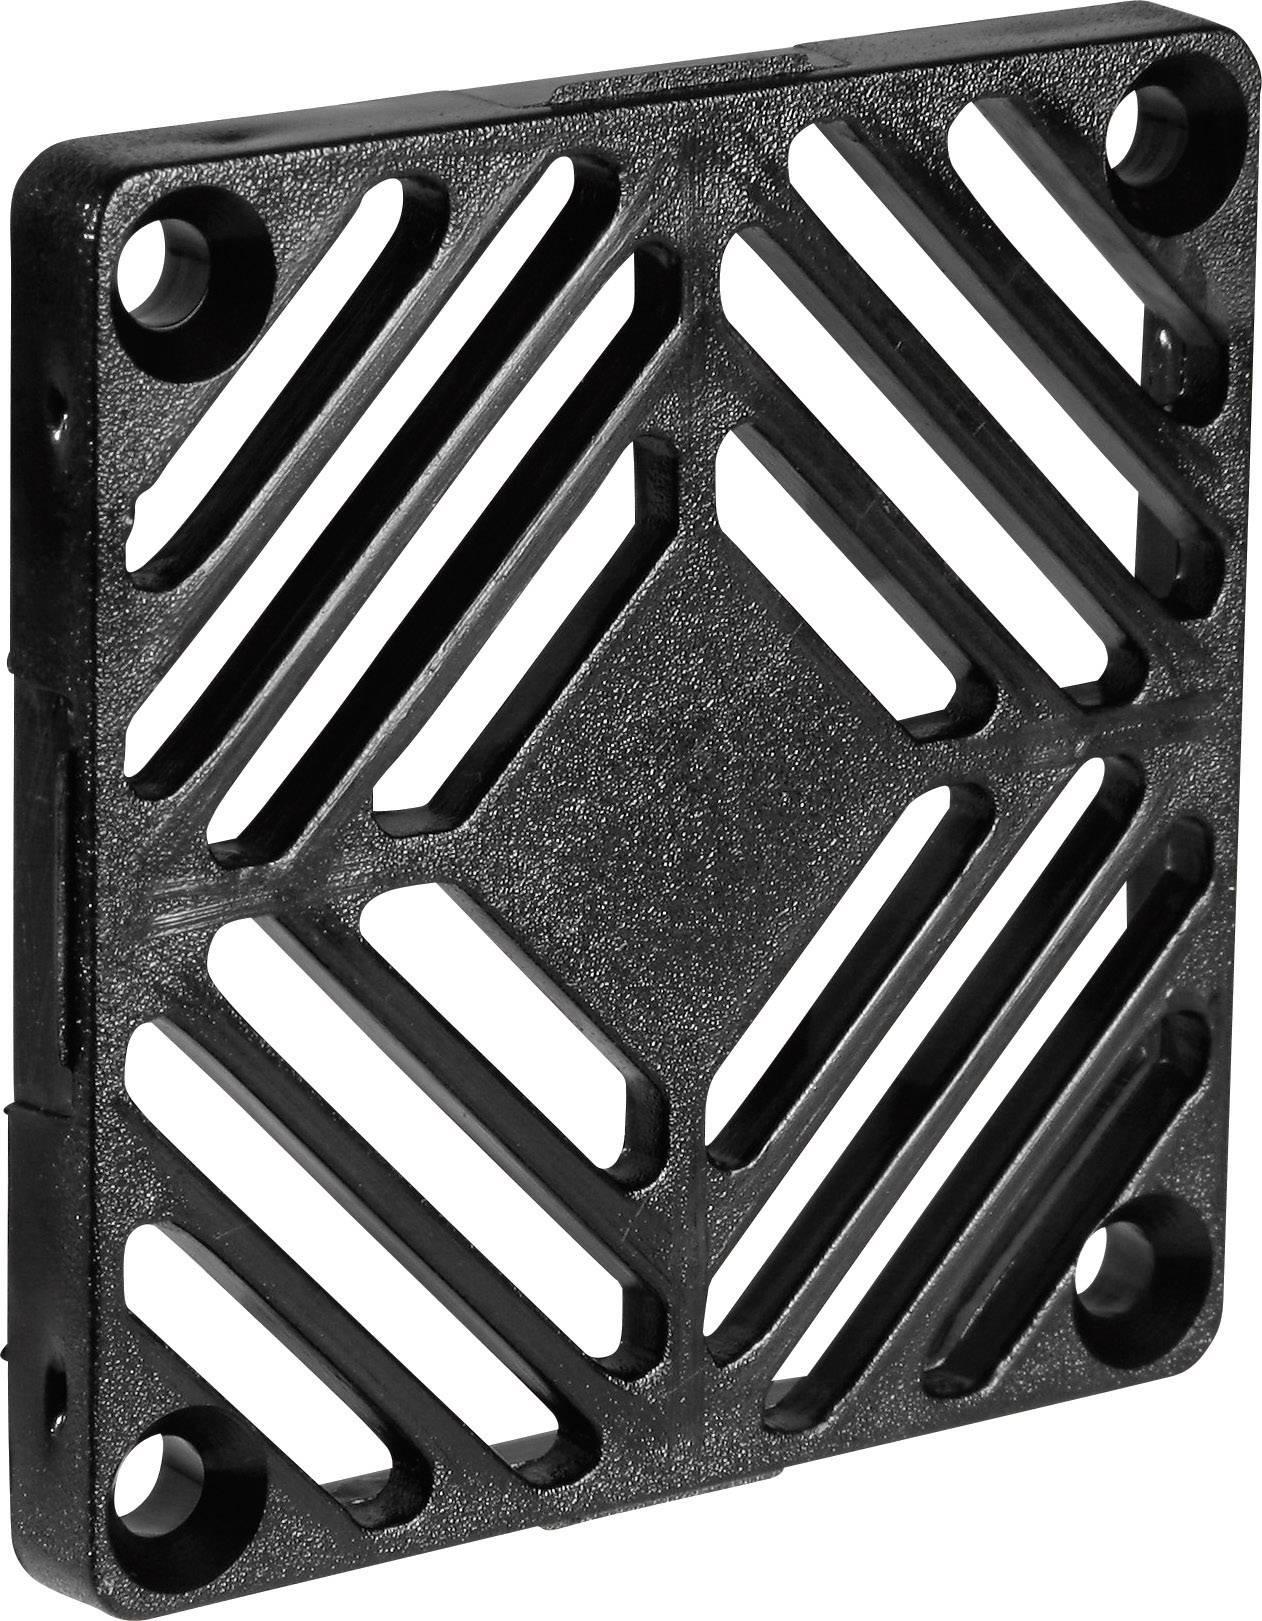 Ochranná mřížka ventilátoru SEPA FG120K, 121 x 121 x 6.5 mm